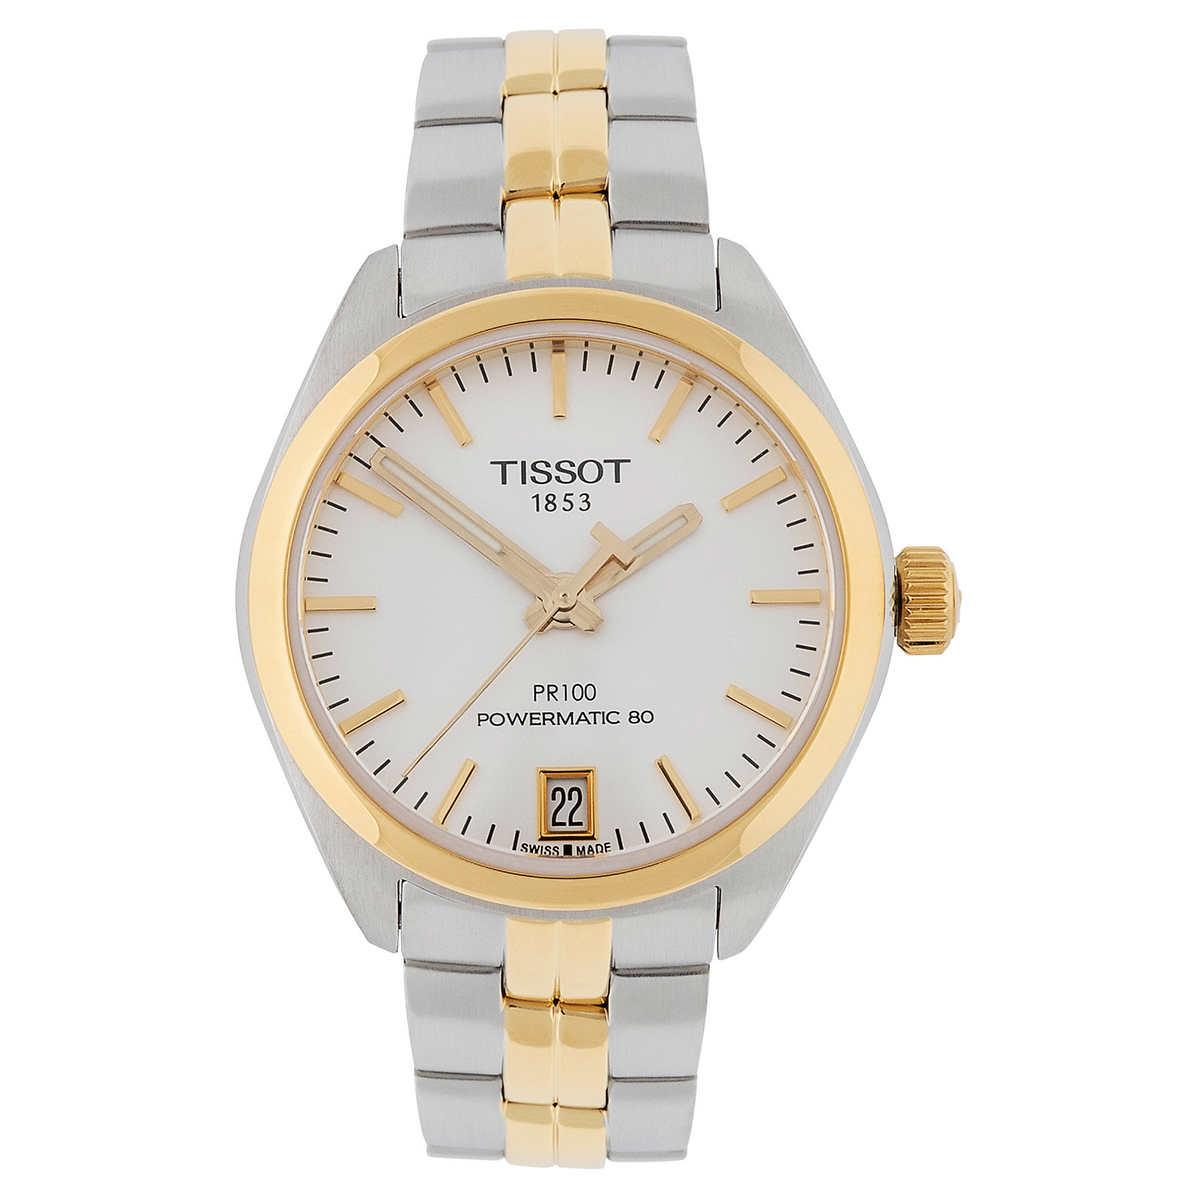 Tissot Pr 100 Powermatic 80 Ladies Watch